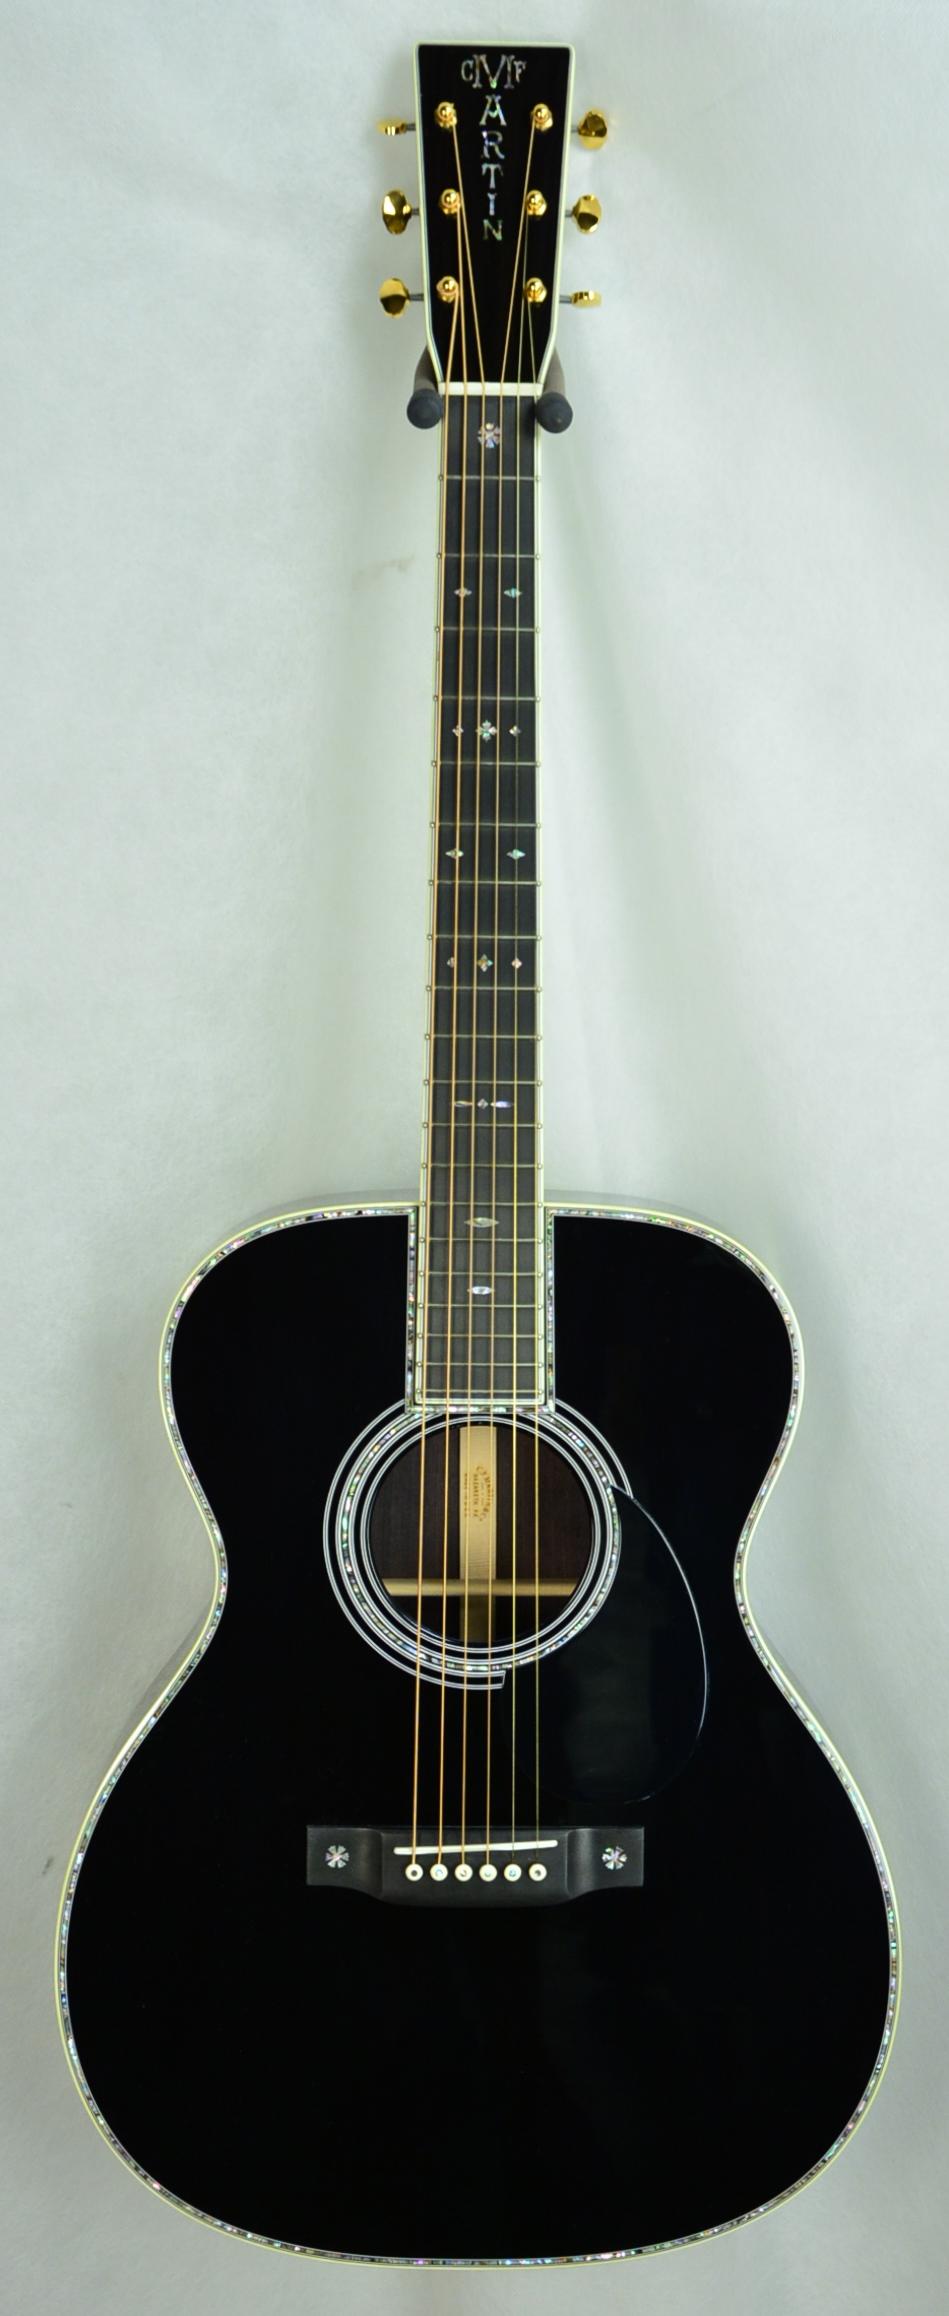 Q-2408924 S-1830635 OM-42 Black (2).JPG